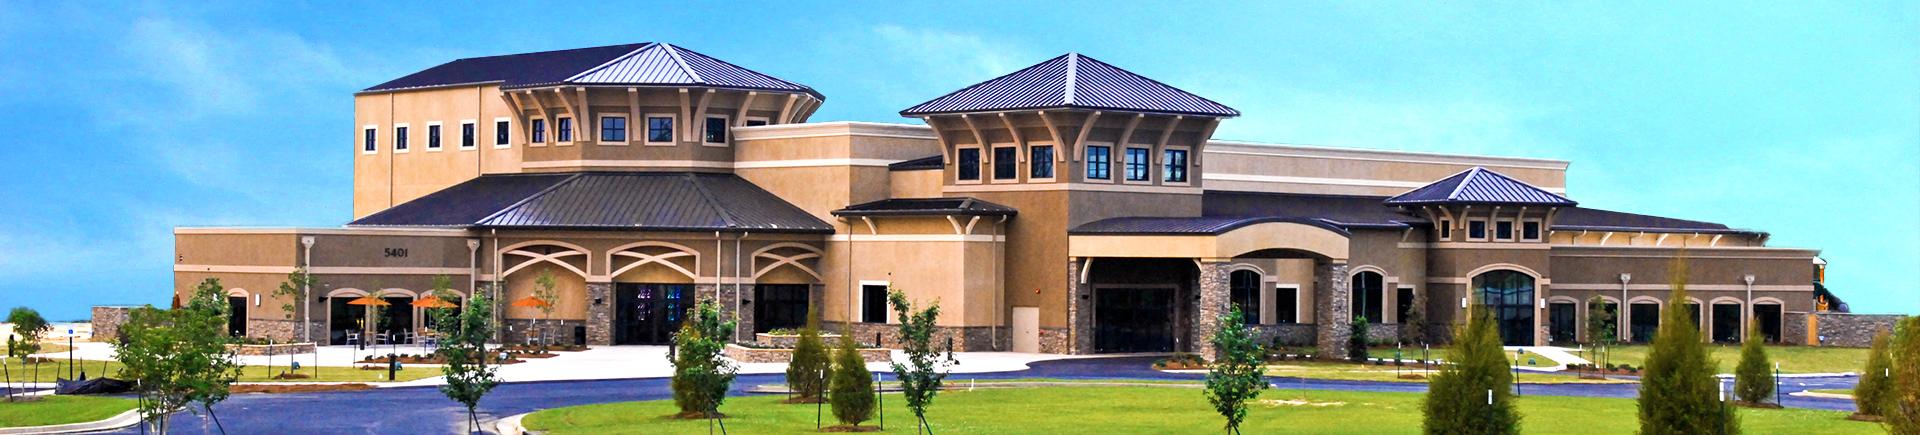 Churches by Daniels - Church Construction